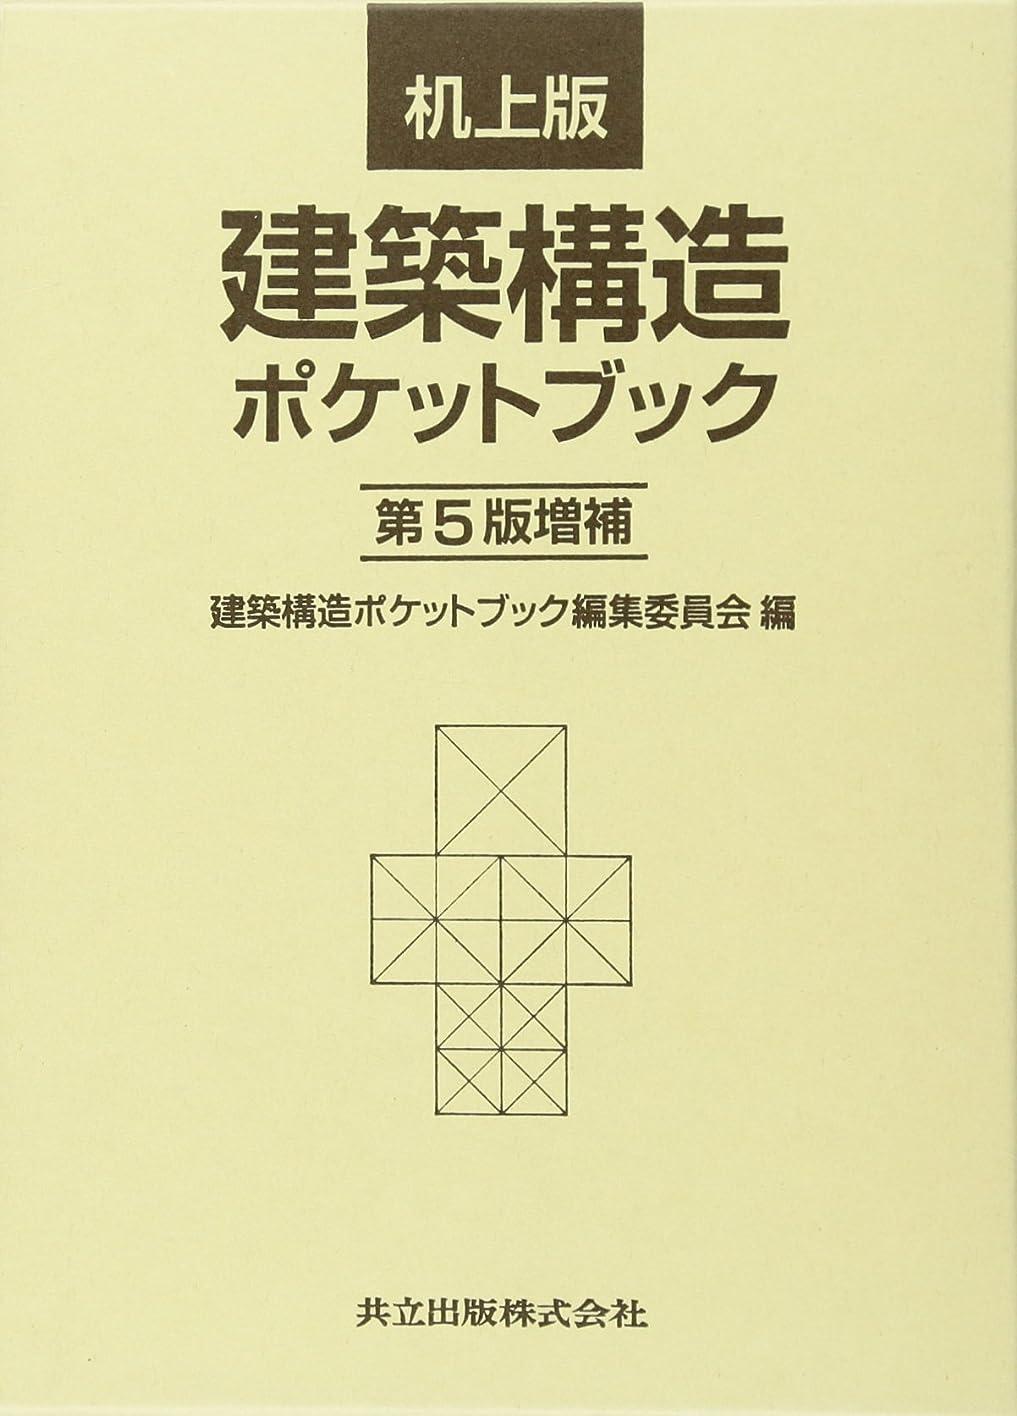 有罪属性一般机上版 建築構造ポケットブック 第5版増補